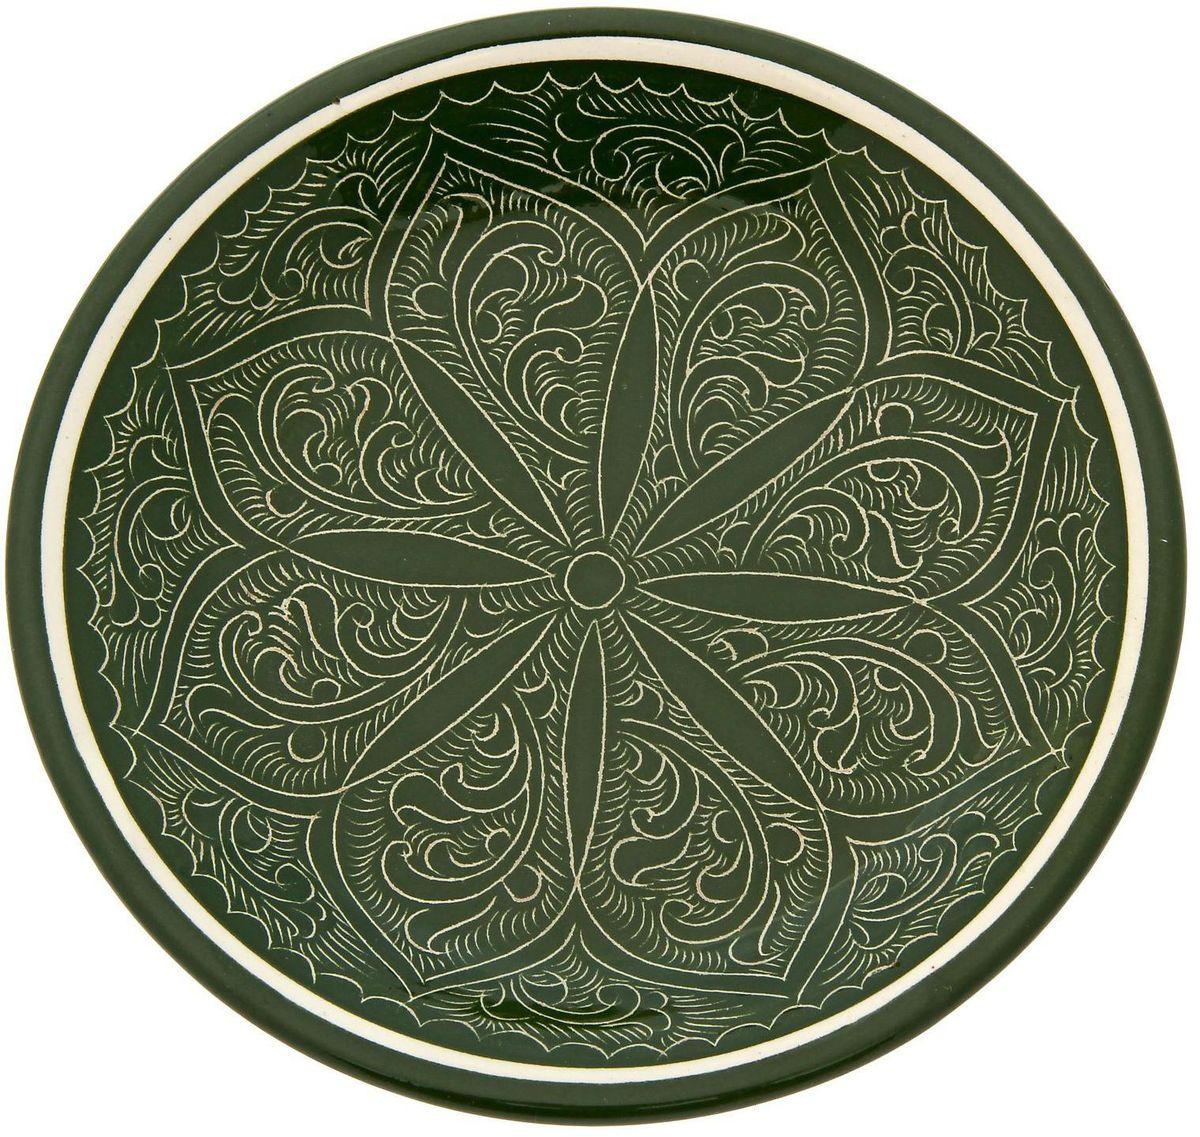 Тарелка Риштанская керамика, диаметр 15,5 см1923445Тарелка Риштанская керамика - это не просто обеденный атрибут, это украшение стола. Посуда с национальной росписью станет отменным подарком для ценителей высокородной посуды.Узбекская посуда известна всему миру уже более тысячи лет. Ей любовались царские особы, на ней подавали еду шейхам и знатным персонам. Формула глазури передаётся из поколения в поколение. По сей день качественные изделия продолжают восхищать своей идеальной формой. Тарелка подойдёт для повседневной и праздничной сервировки. Дополните стол текстилем и салфетками в тон, чтобы получить элегантное убранство с яркими акцентами.